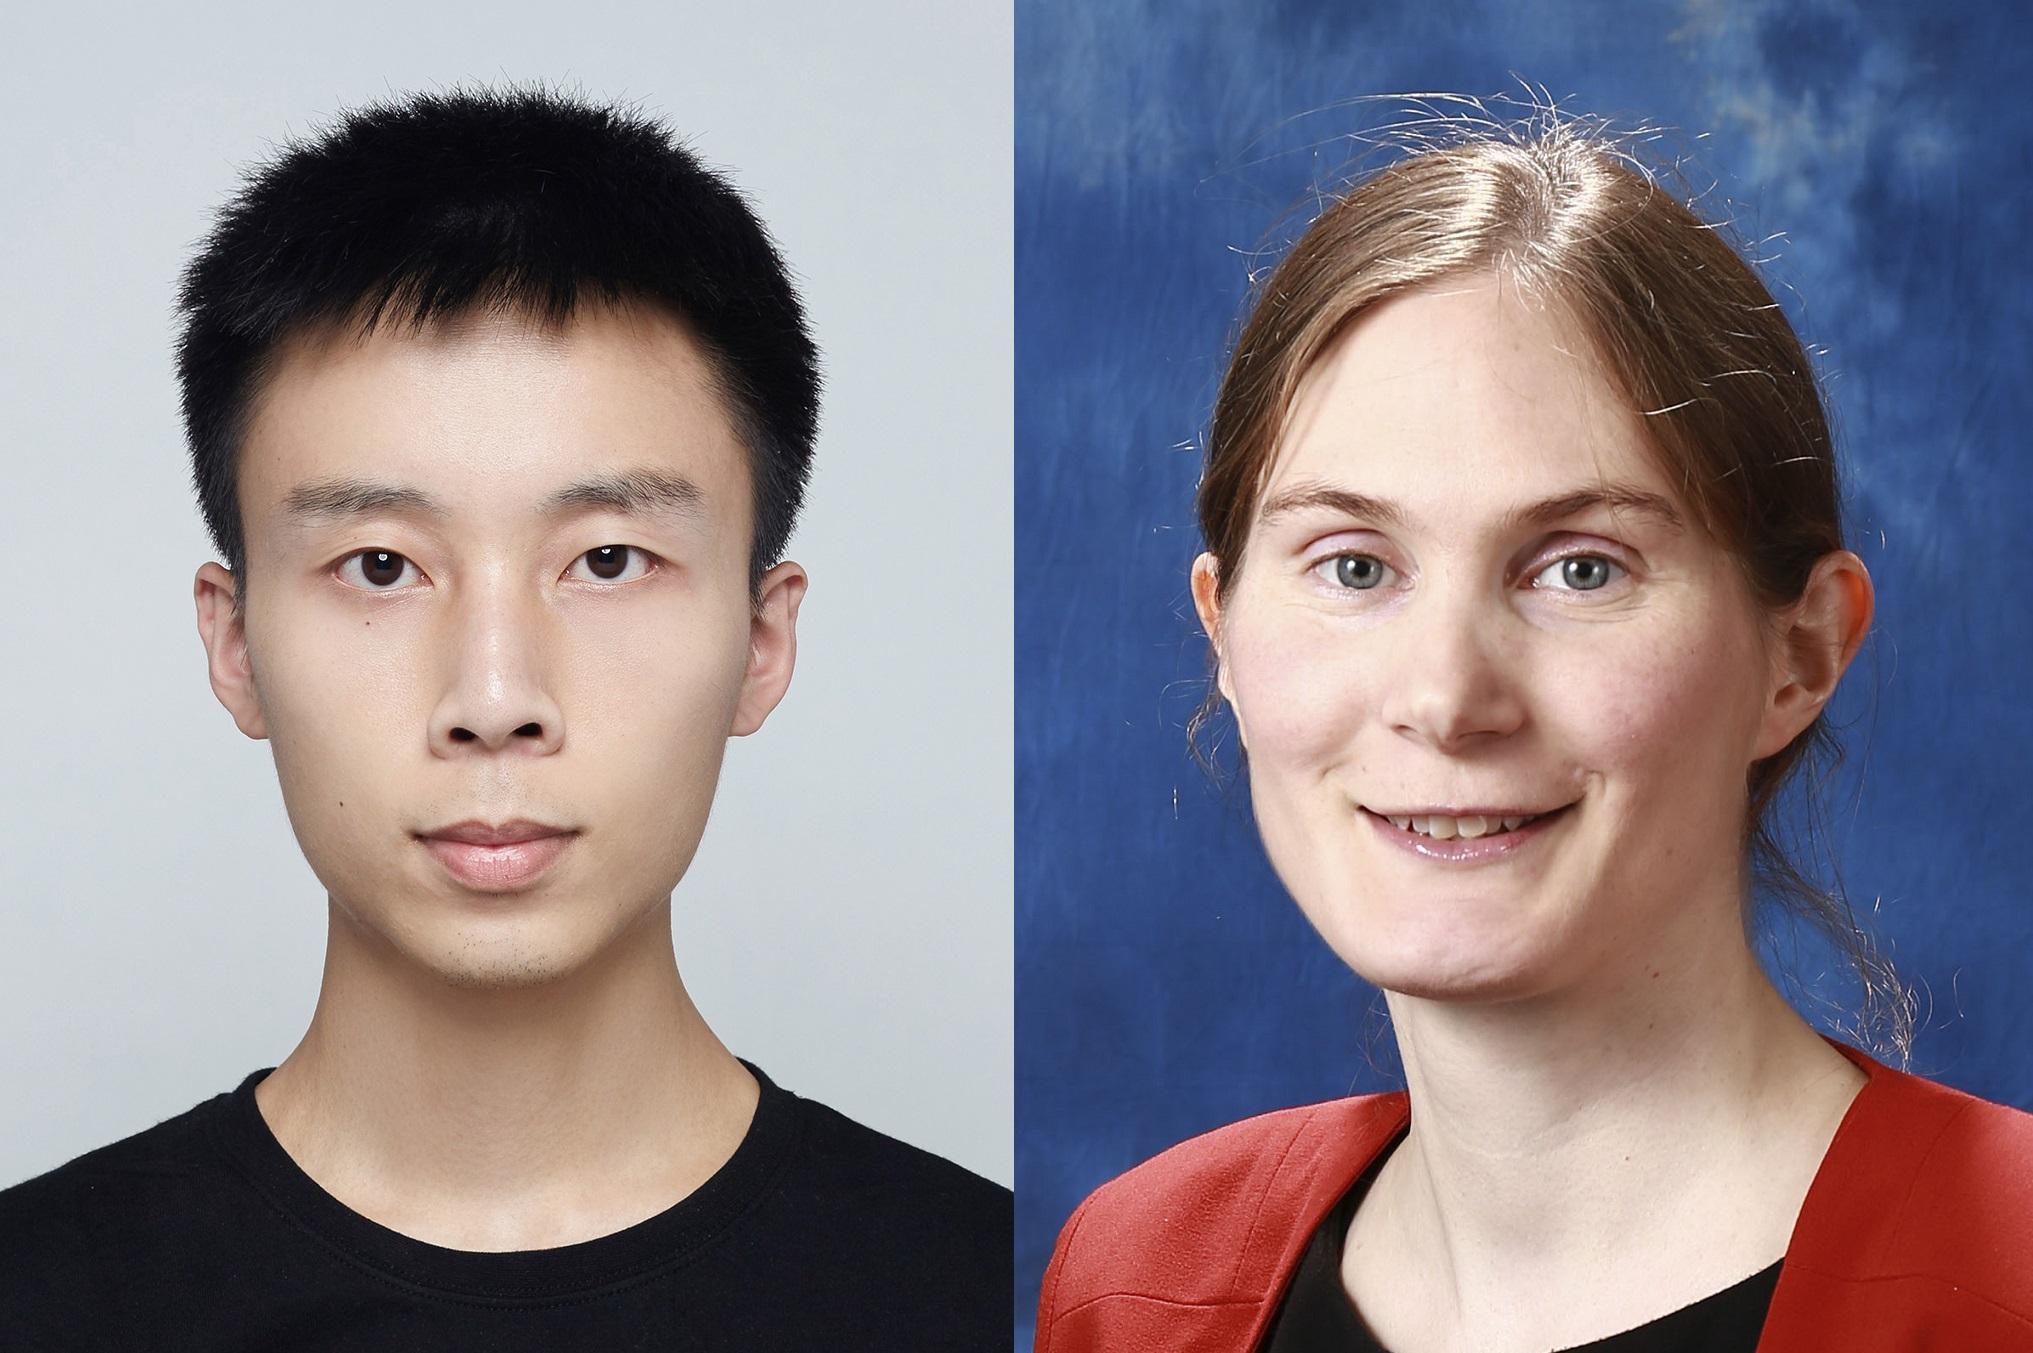 (左至右) 研究文章第一作者、中大工程学院电子工程系博士后研究员陈学权博士及中大工程学院电子工程系兼英国华威大学物理系Emma Pickwell-MacPherson教授。